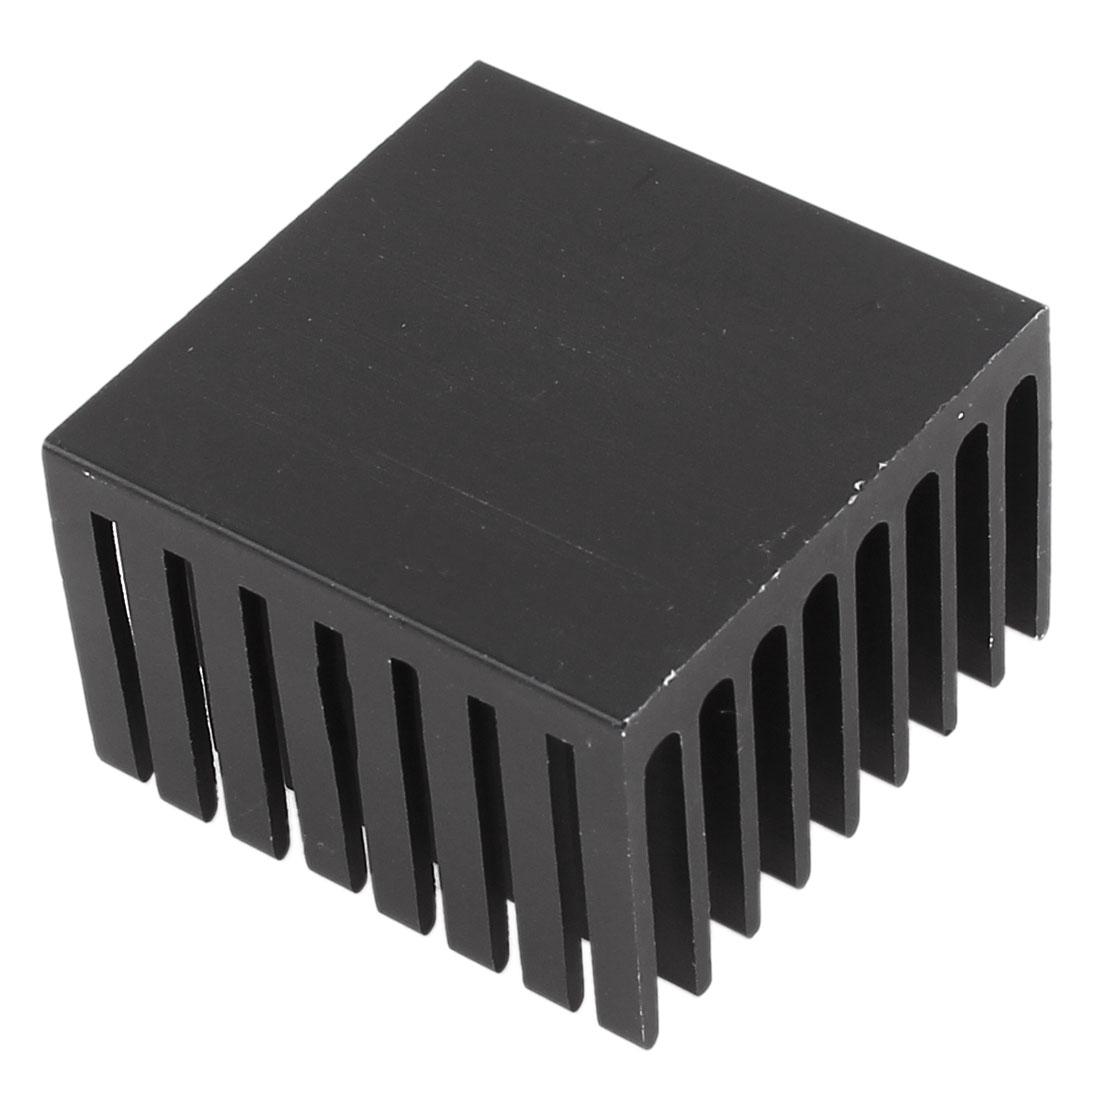 Black Aluminum Radiator Heat Sink Heatsink 37mm x 37mm x 24mm